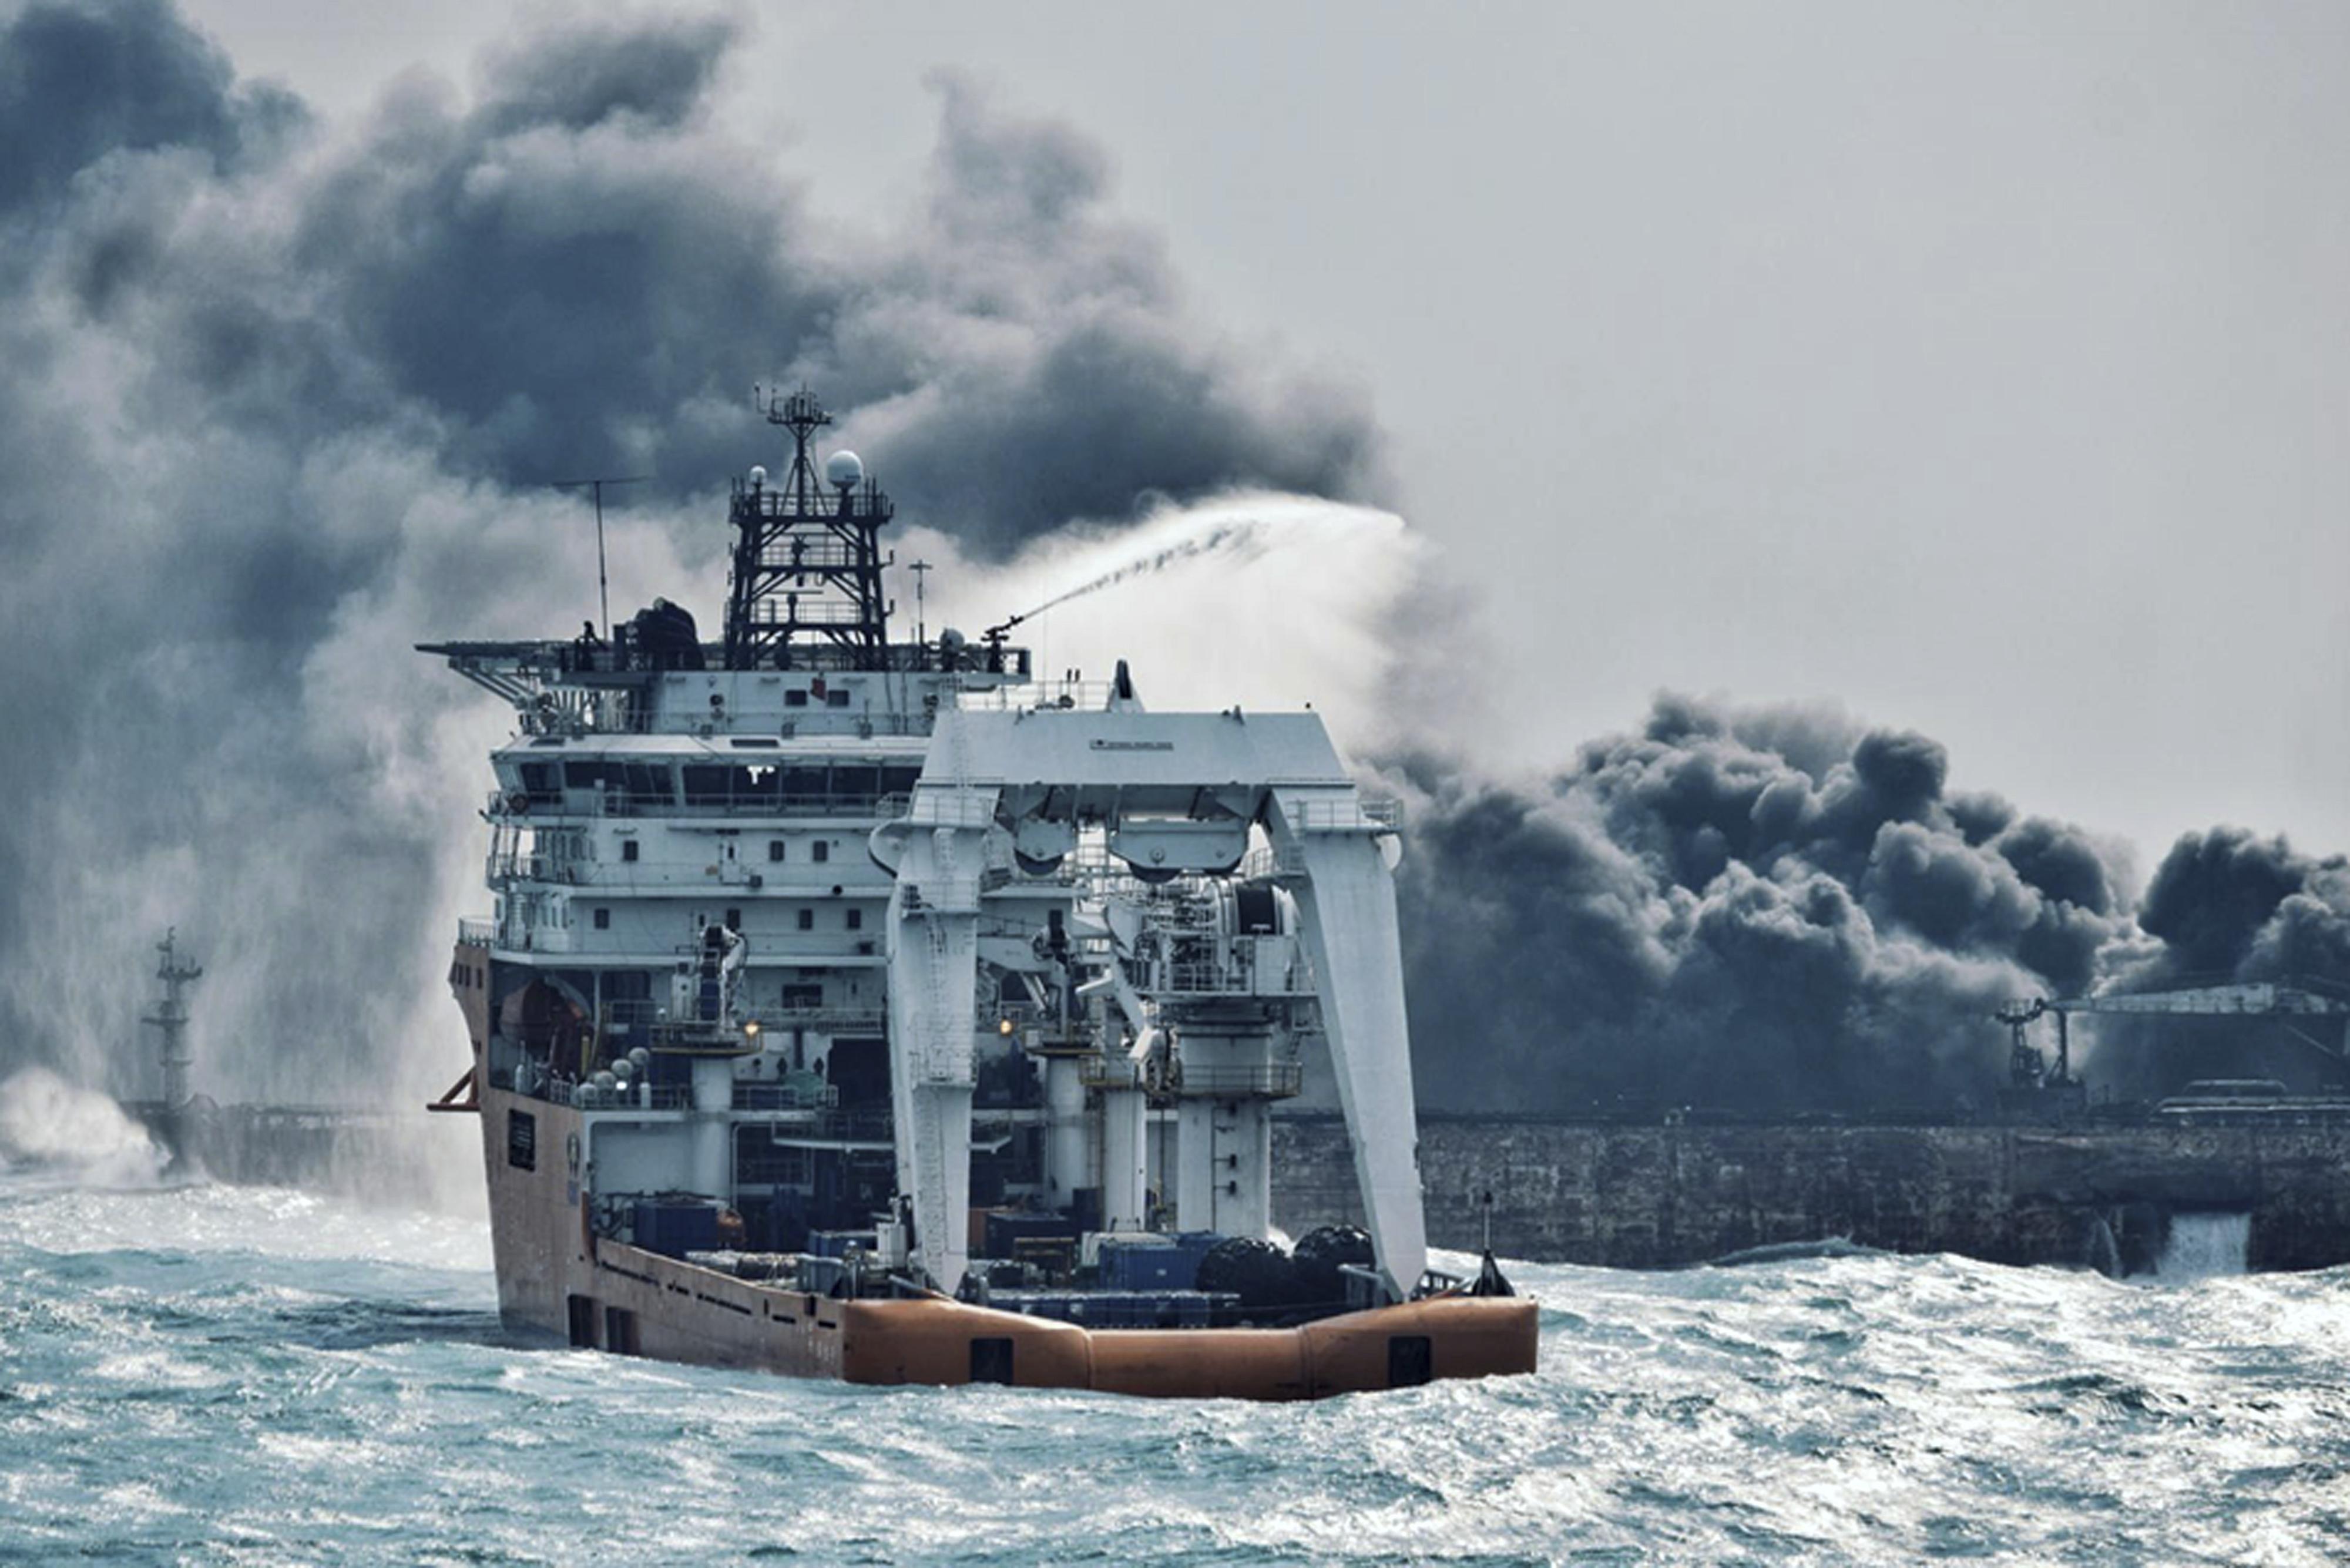 Cina, affonda la petroliera iraniana: morti i membri dell'equipaggio. Rischio disastro ambientale